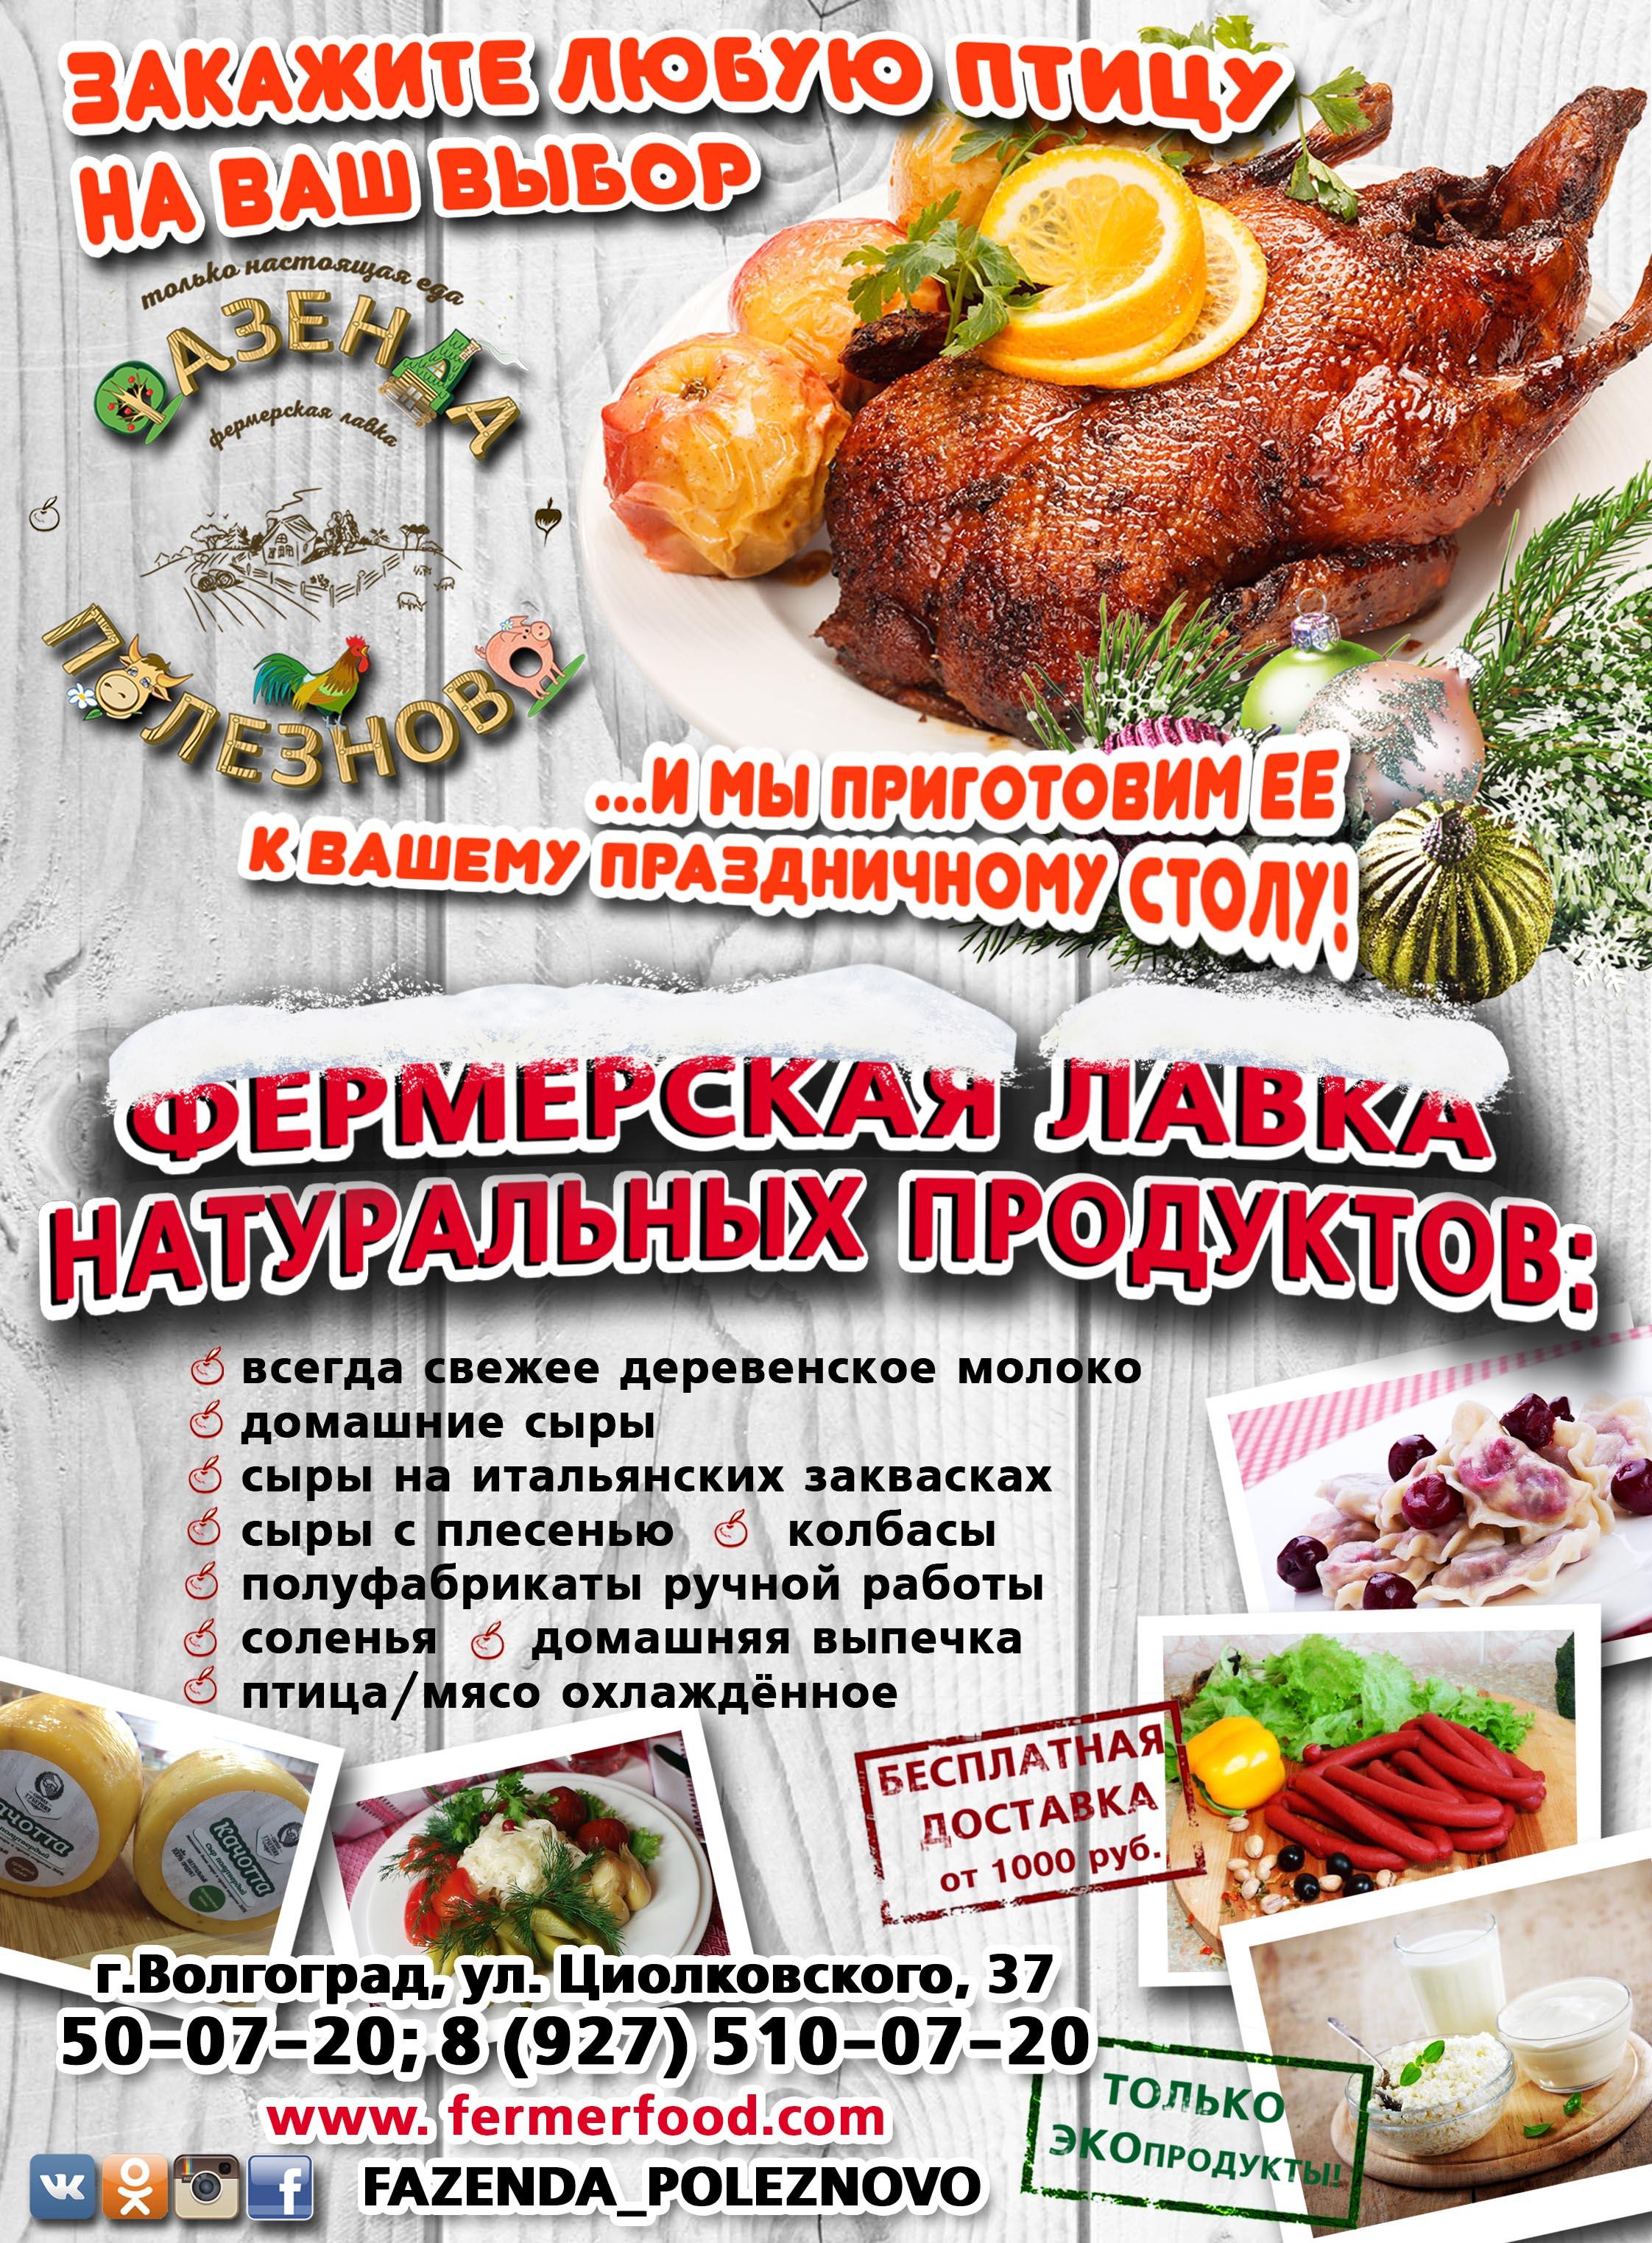 Фазенда полезного_декабрь